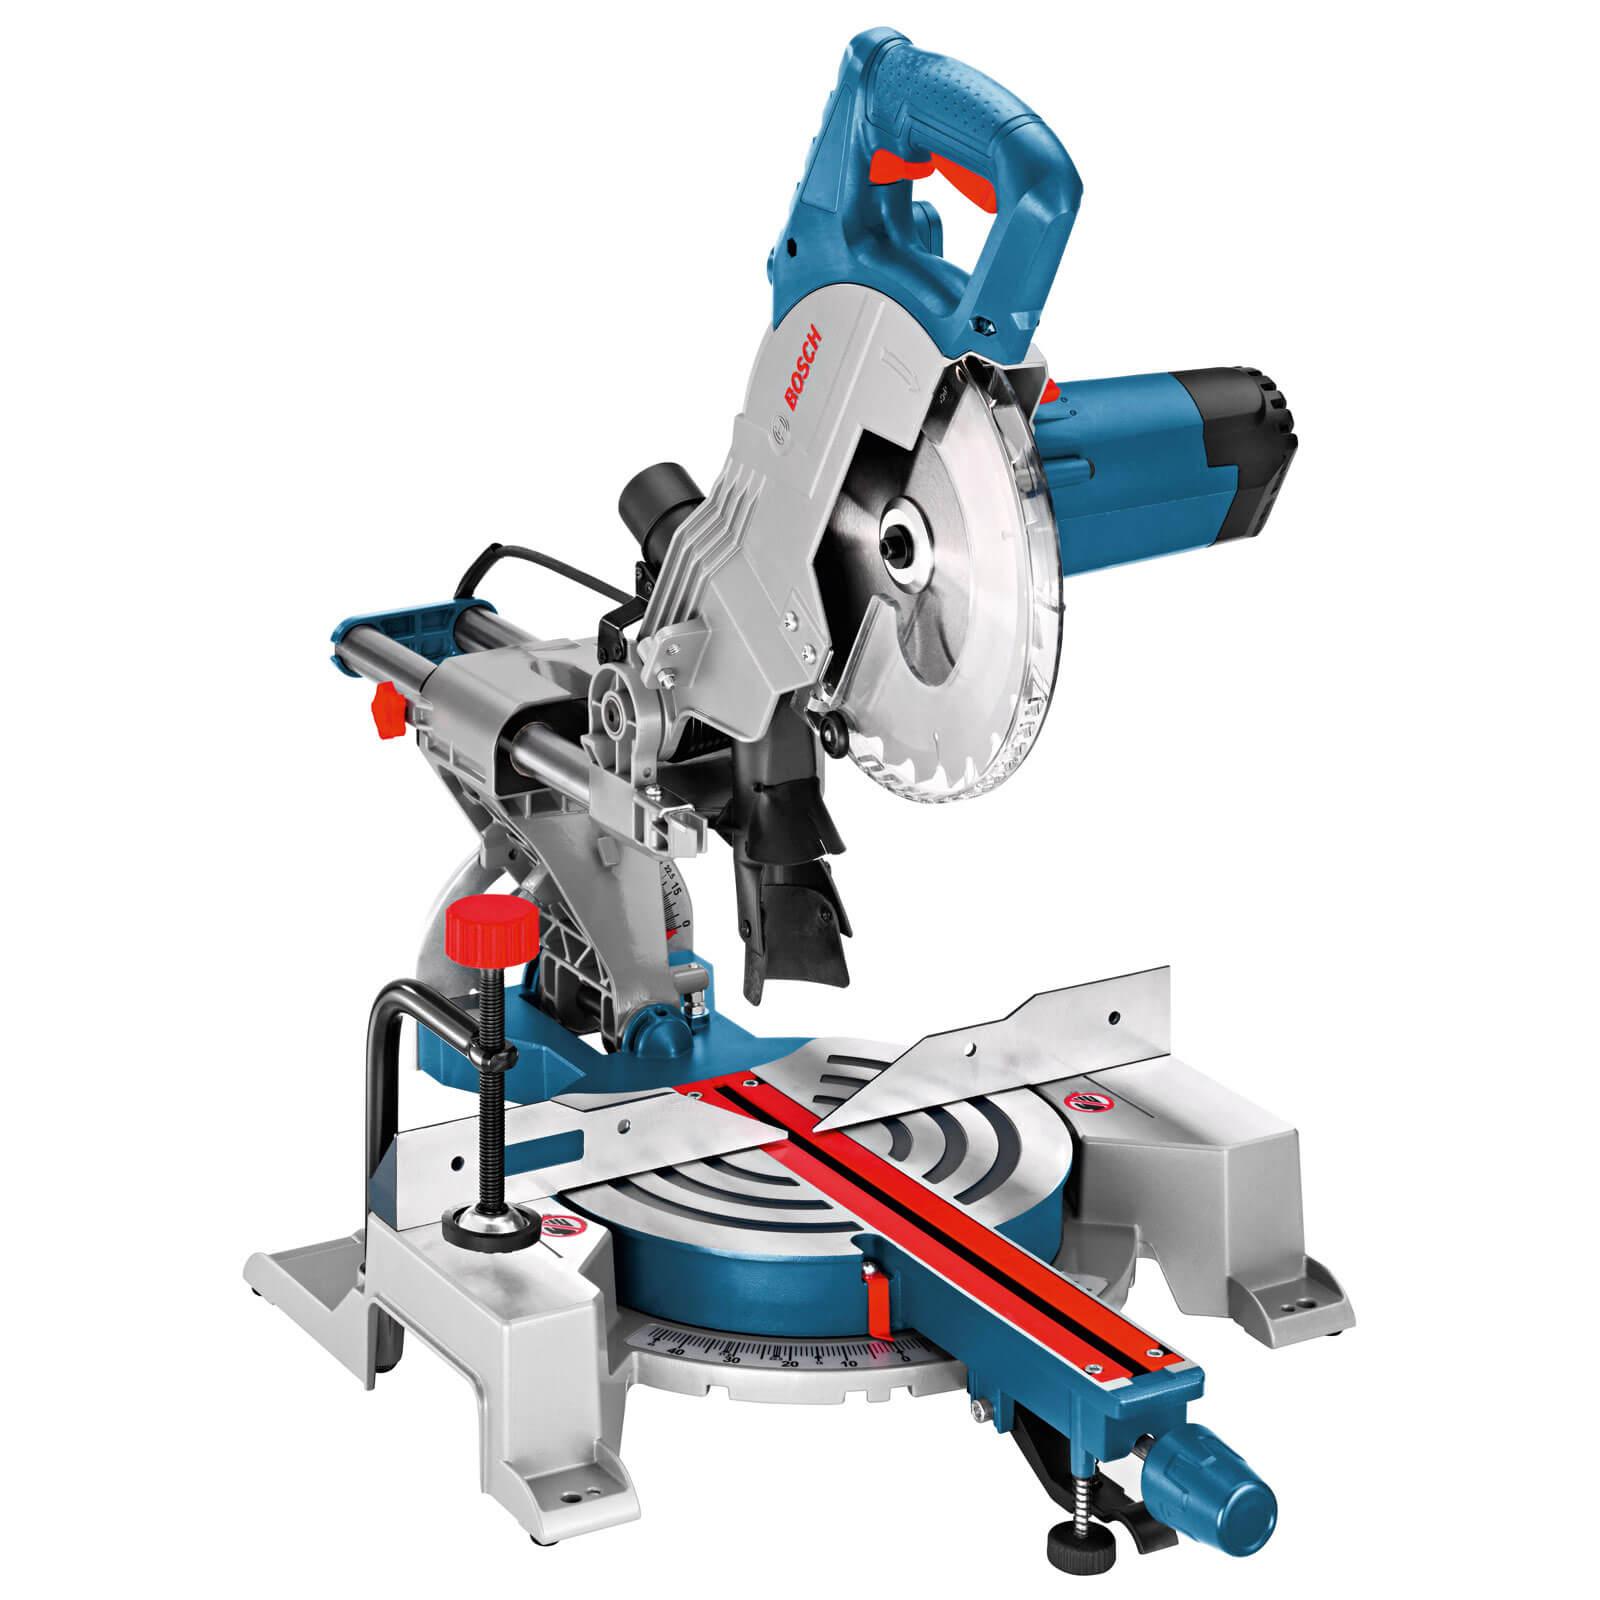 Bosch GCM 800 SJ Sliding Mitre Saw 216mm Blade 1600w 110v